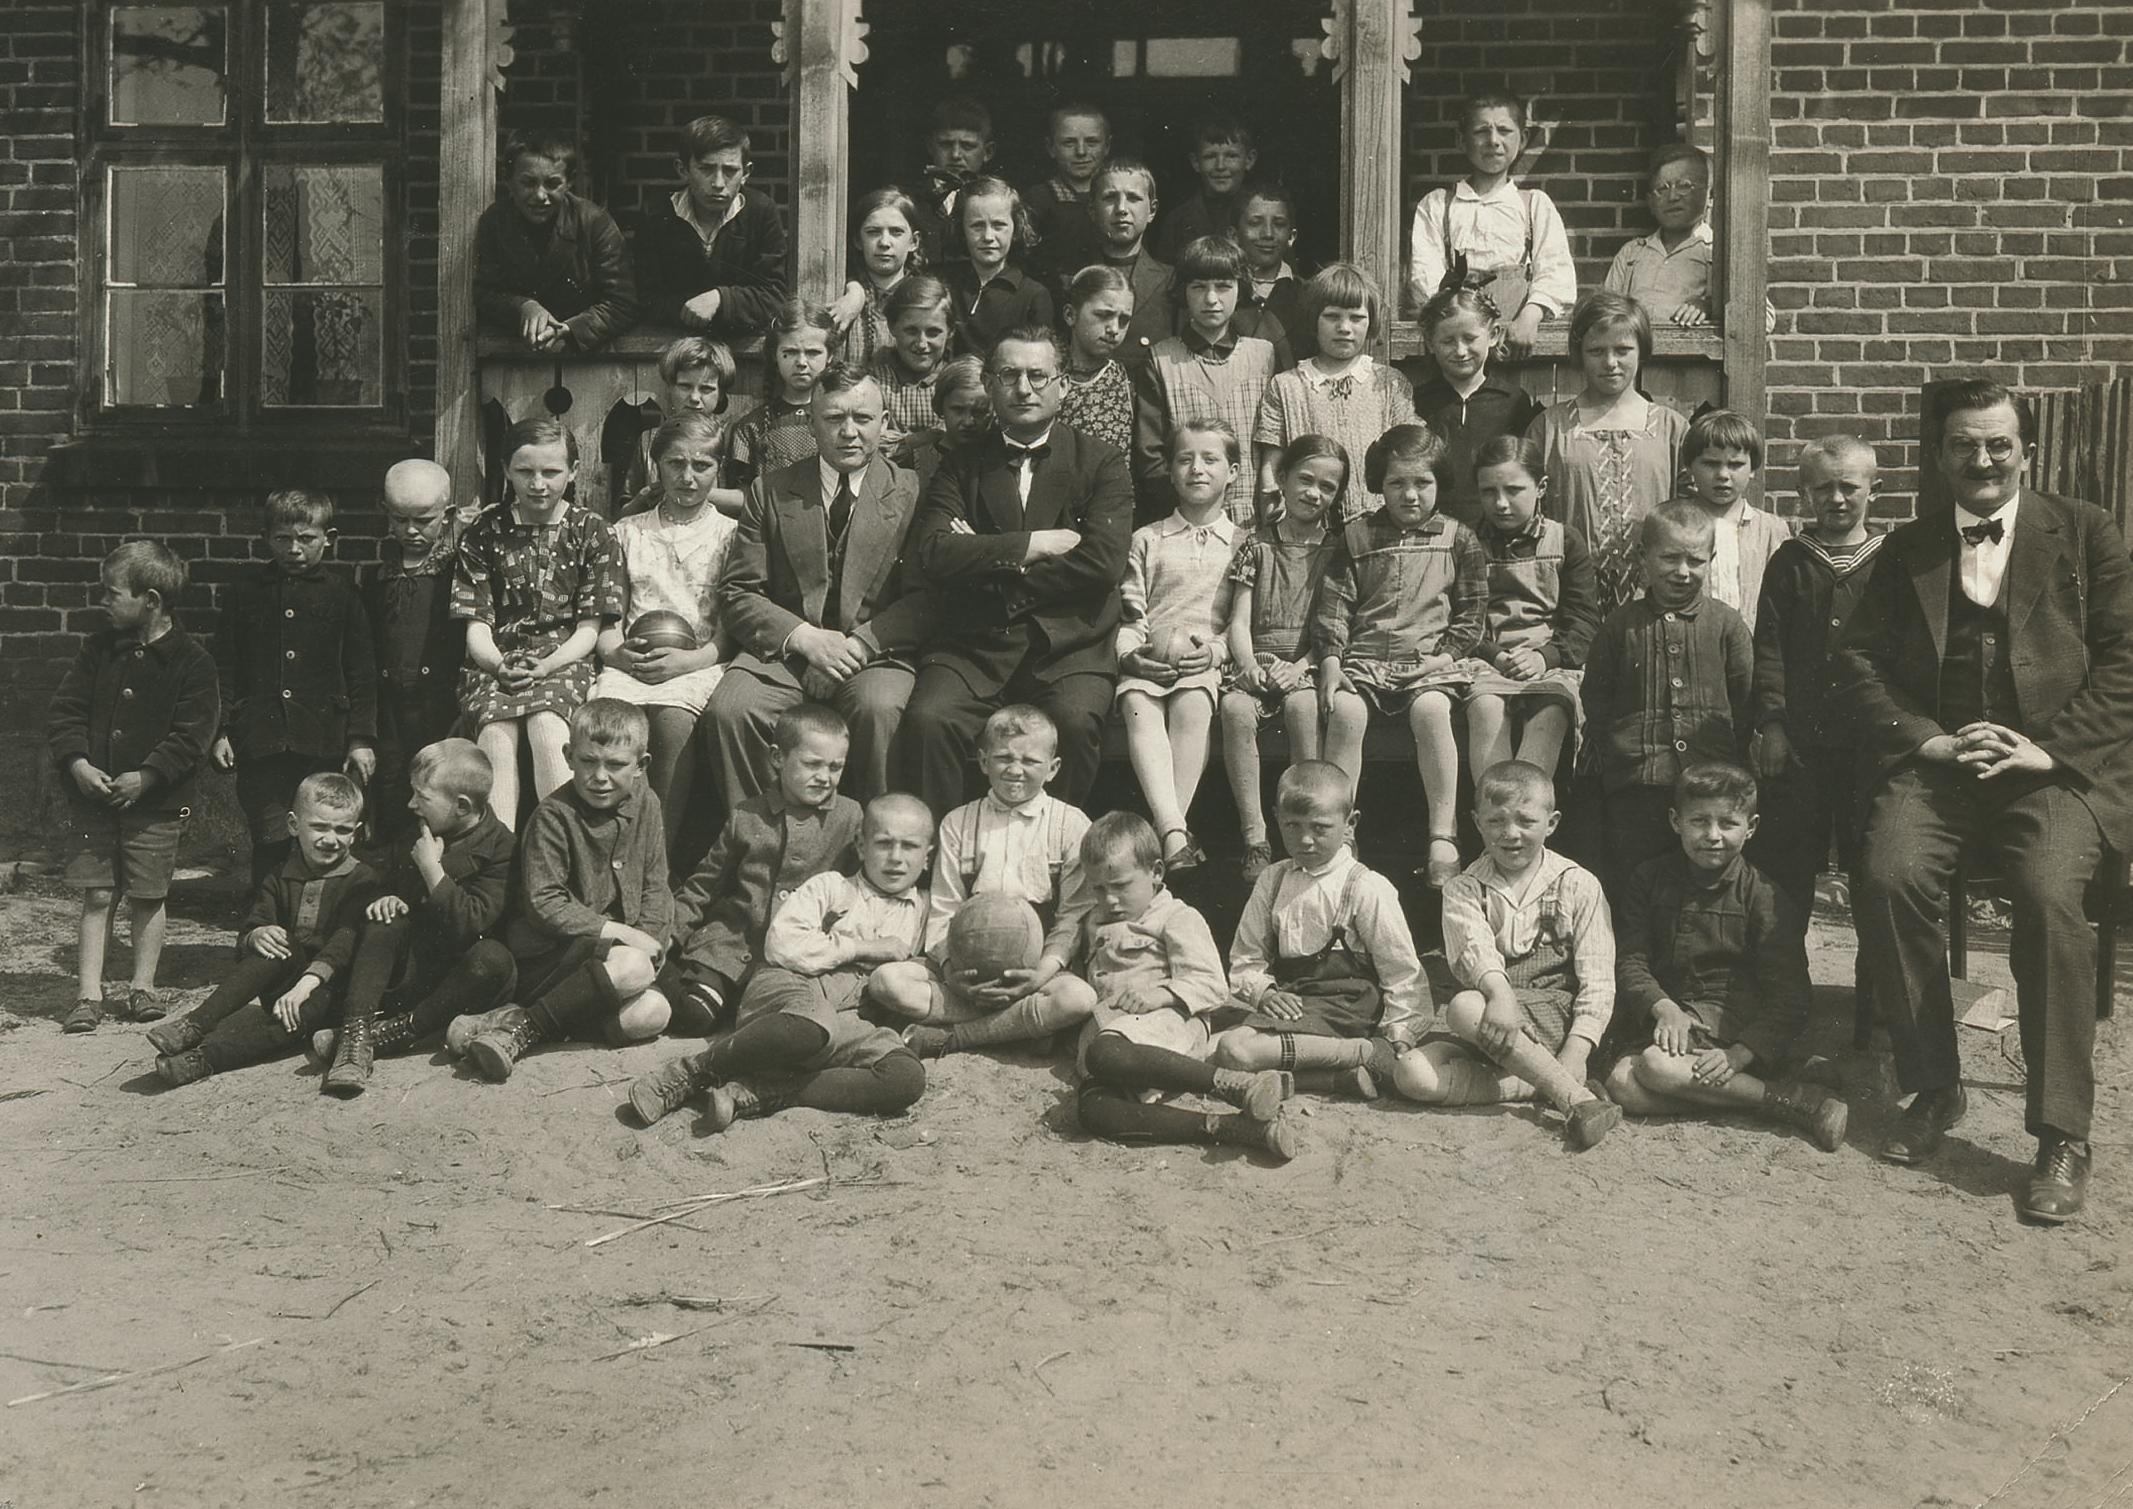 http://m.wmwm.pl/2015/06/orig/uczniowie-szkol-polskich-z-nauczycielami-boleslawem-jeziolowiczem-bronislawem-chabowskim-i-wiktorem-bina-woryty-1933-rok-4452.jpg